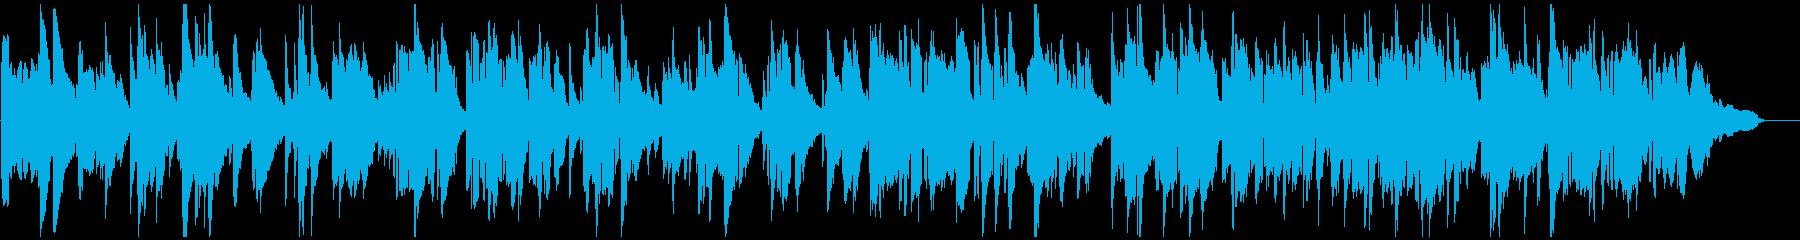 ムードたっぷりでセクシーな生演奏サックスの再生済みの波形